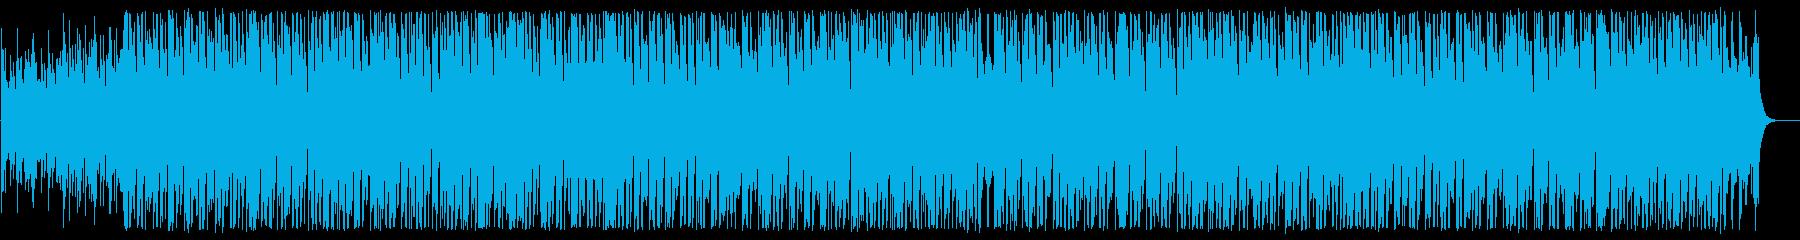 ピアノとシーケンサーのテクノポップの再生済みの波形